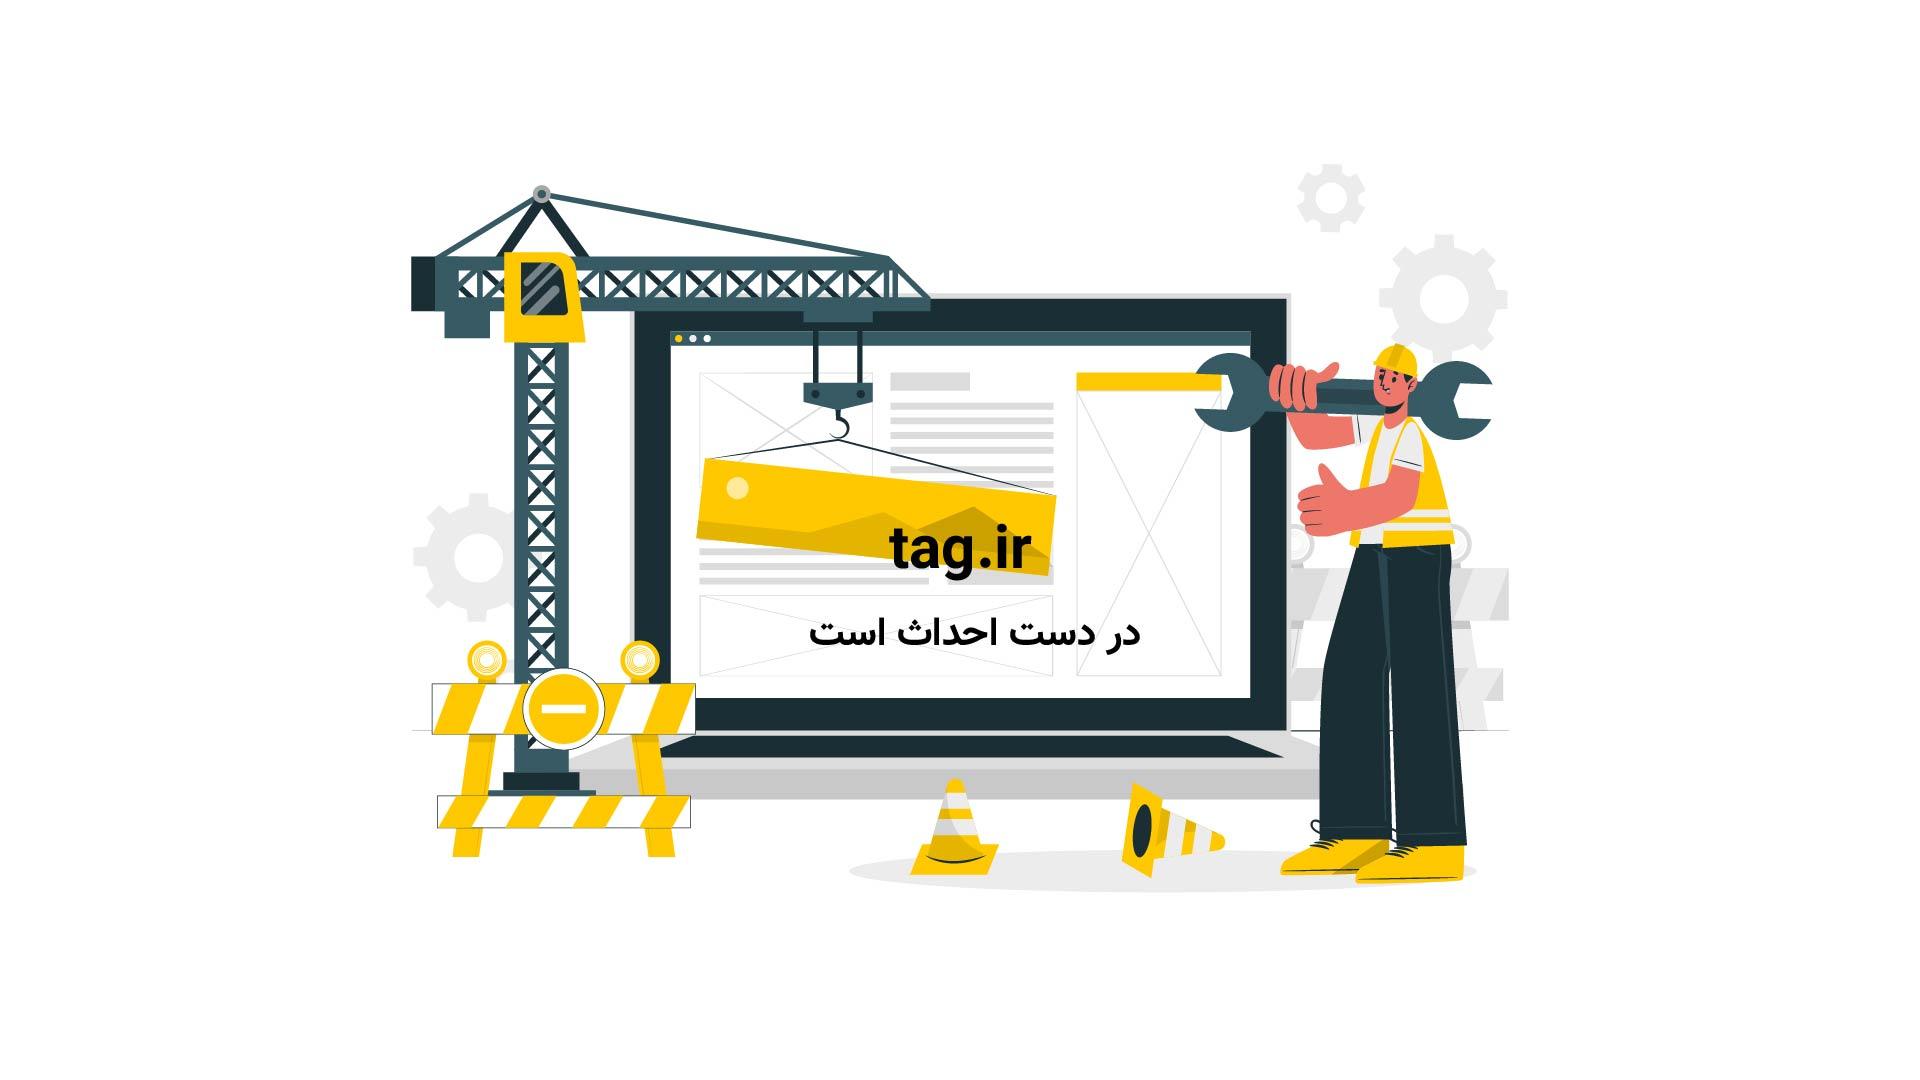 کاخ هشت بهشت از جاذبههای گردشگری استان اصفهان | فیلم